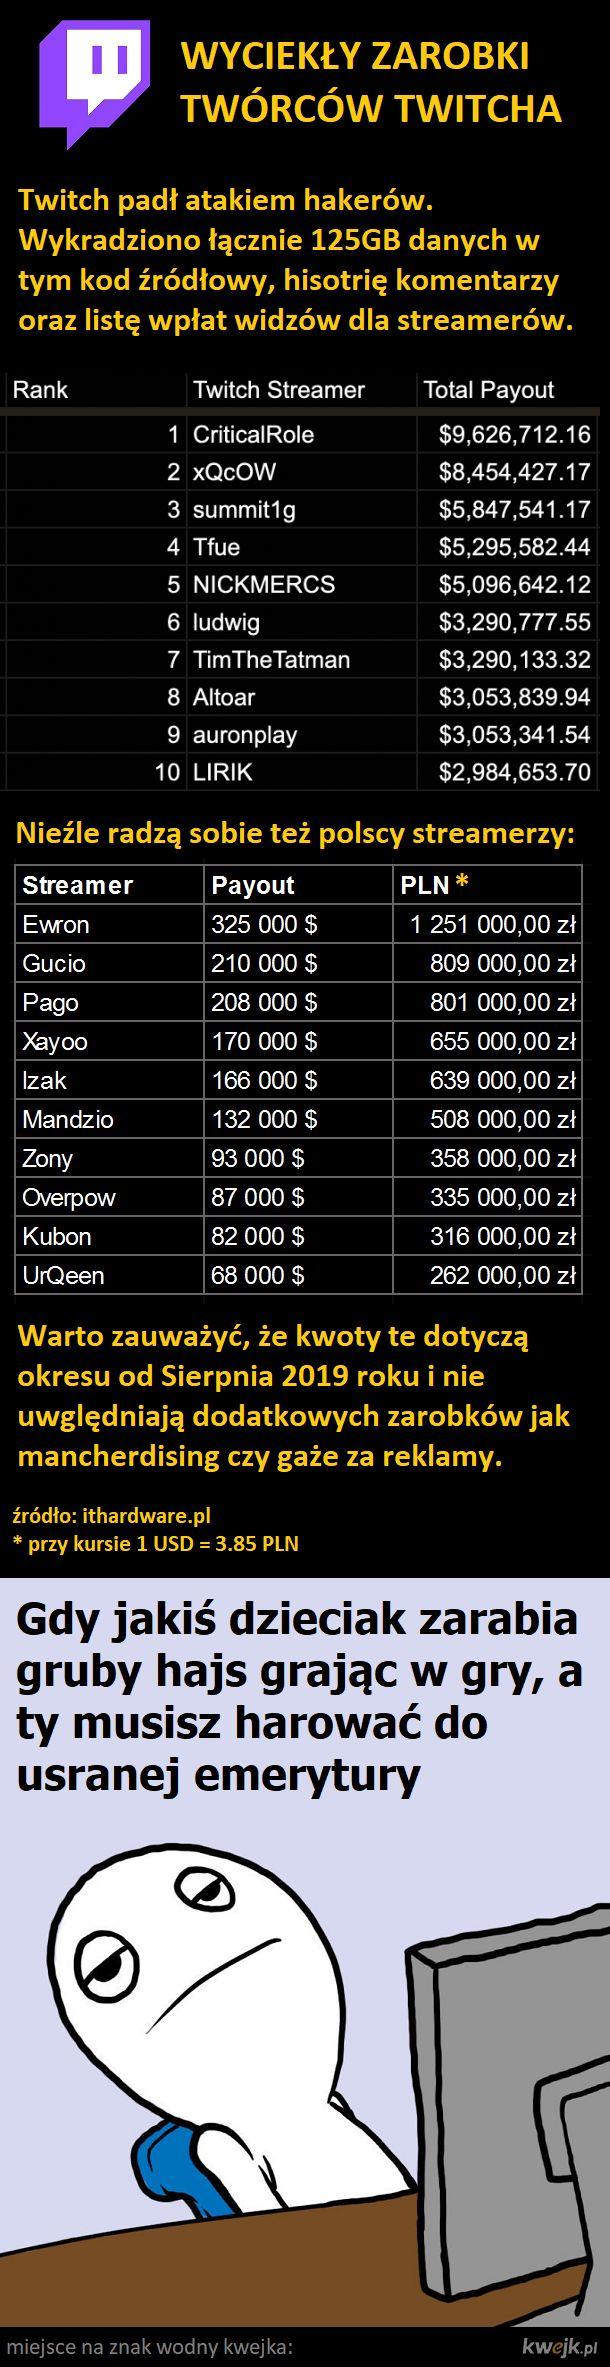 Jak tam inflacja panie Areczku?